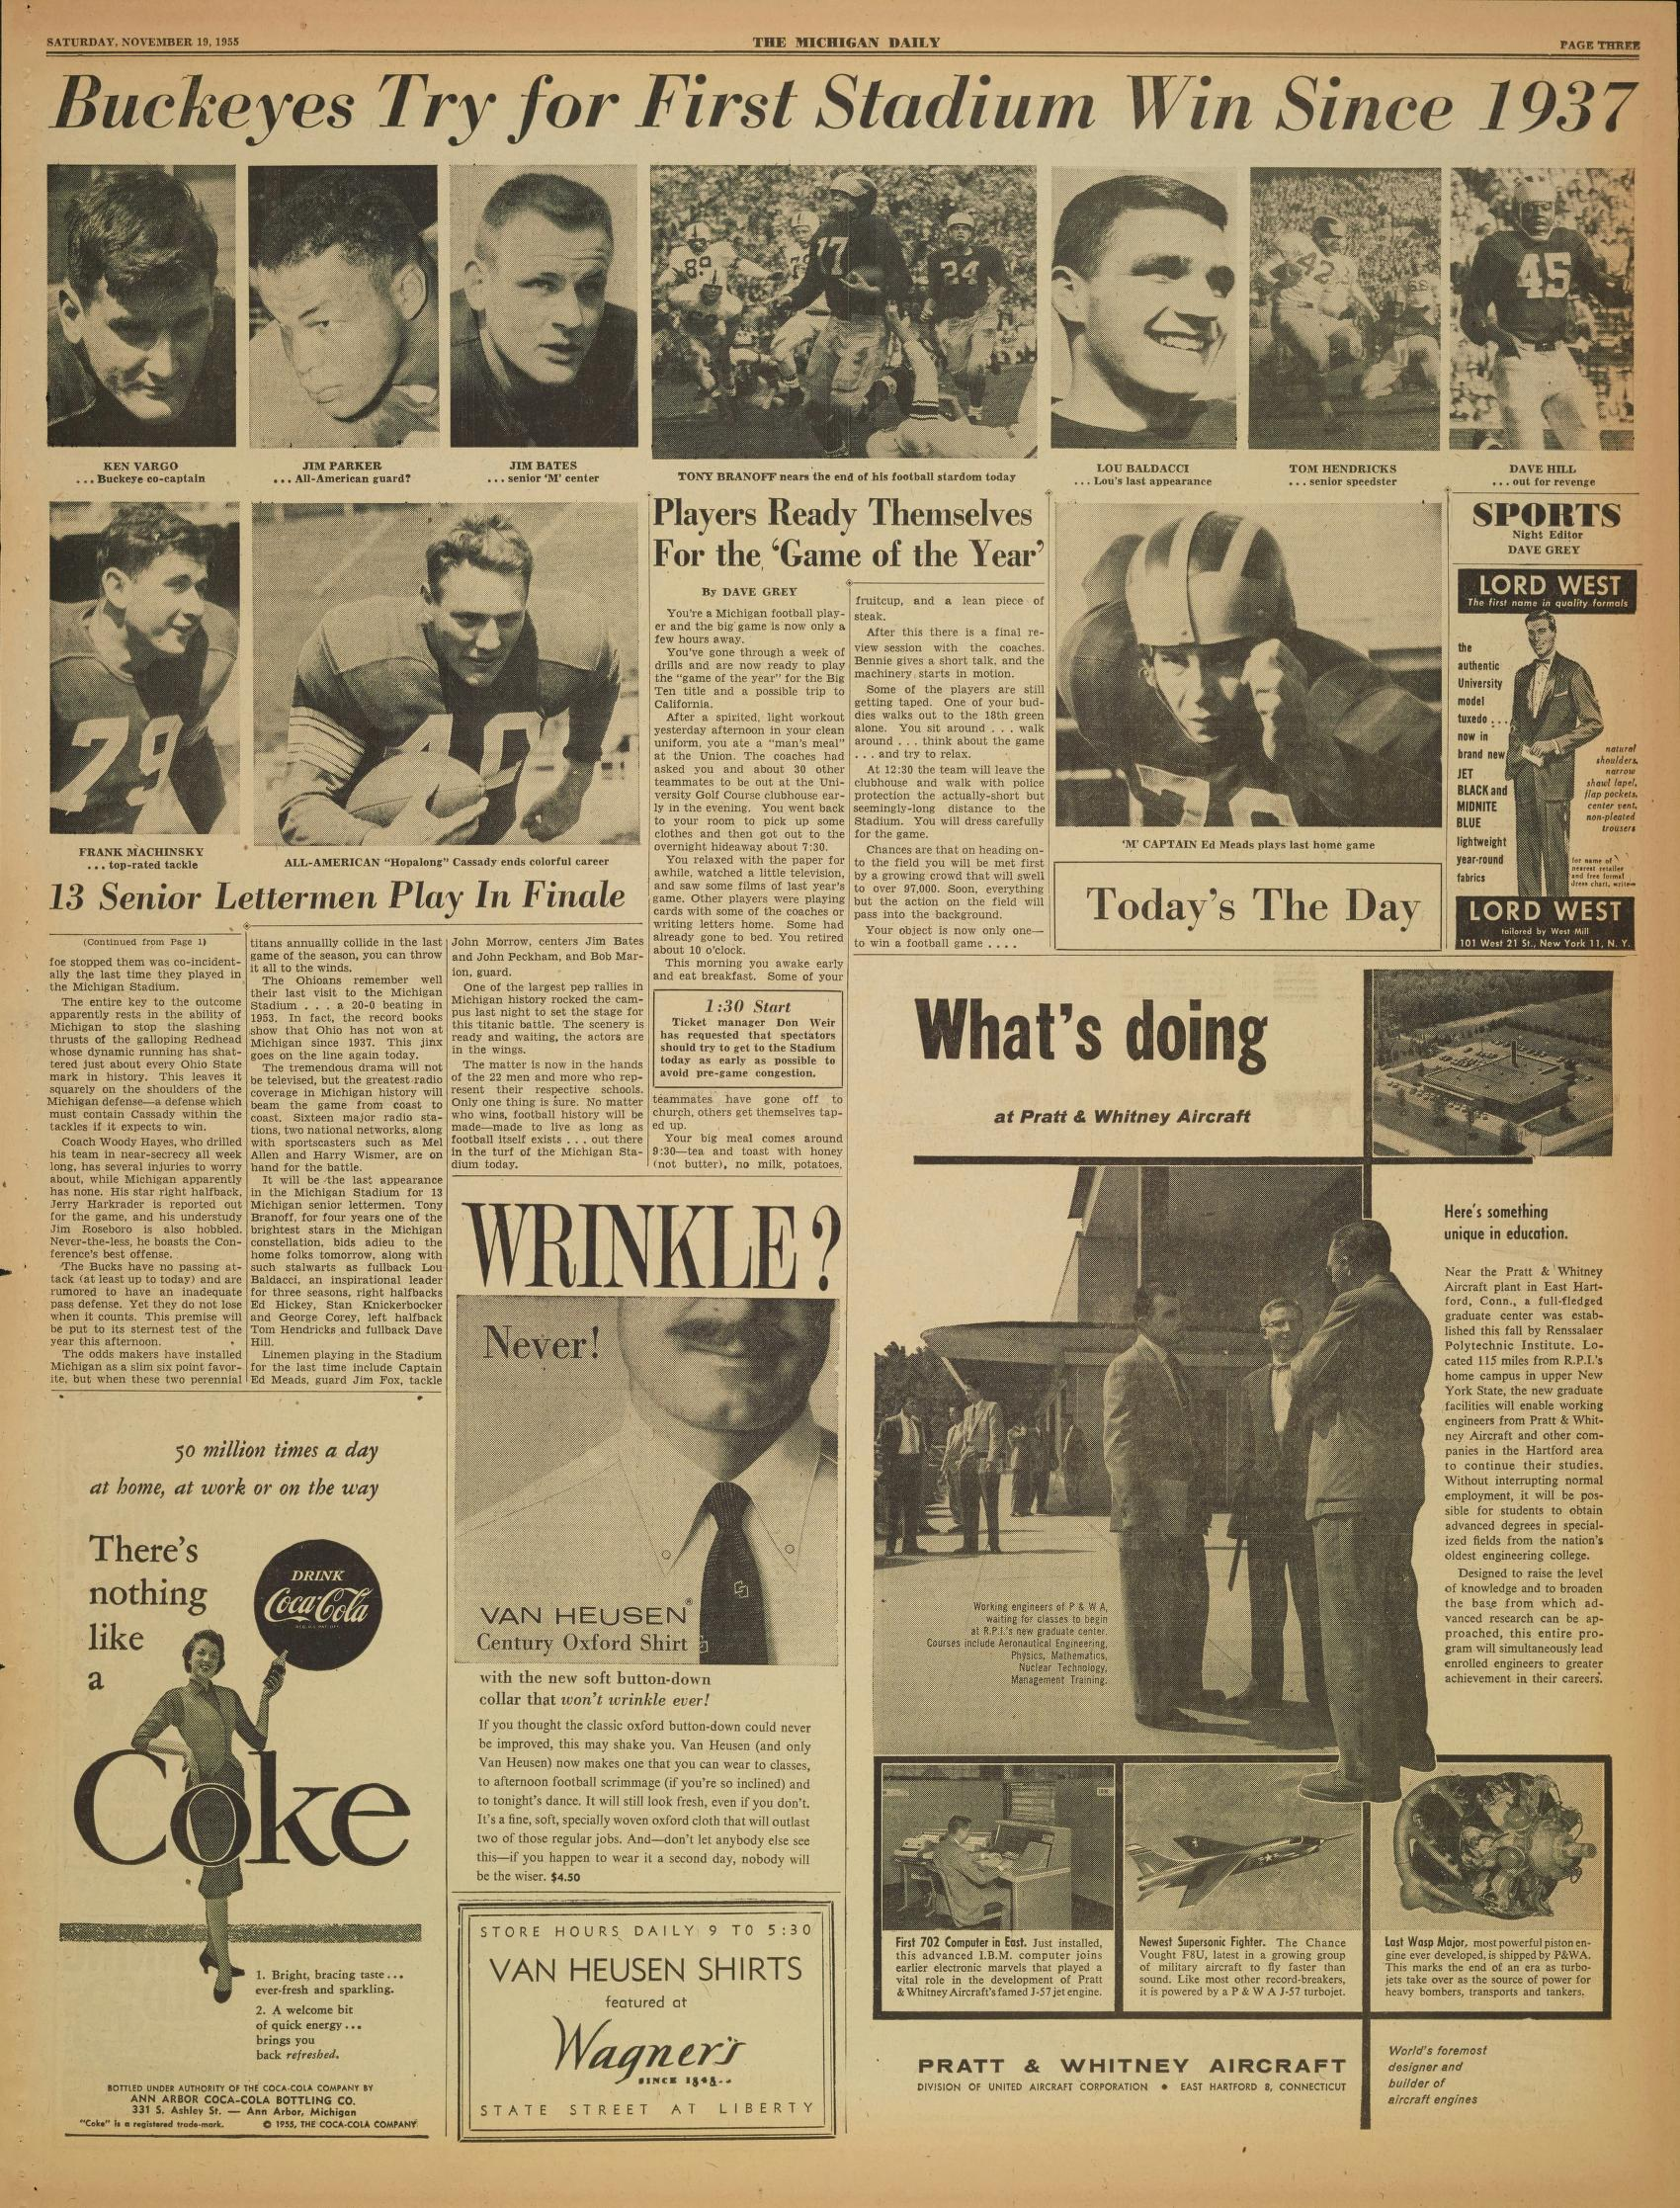 Michigan Daily Digital Archives - November 19, 1955 (vol  66